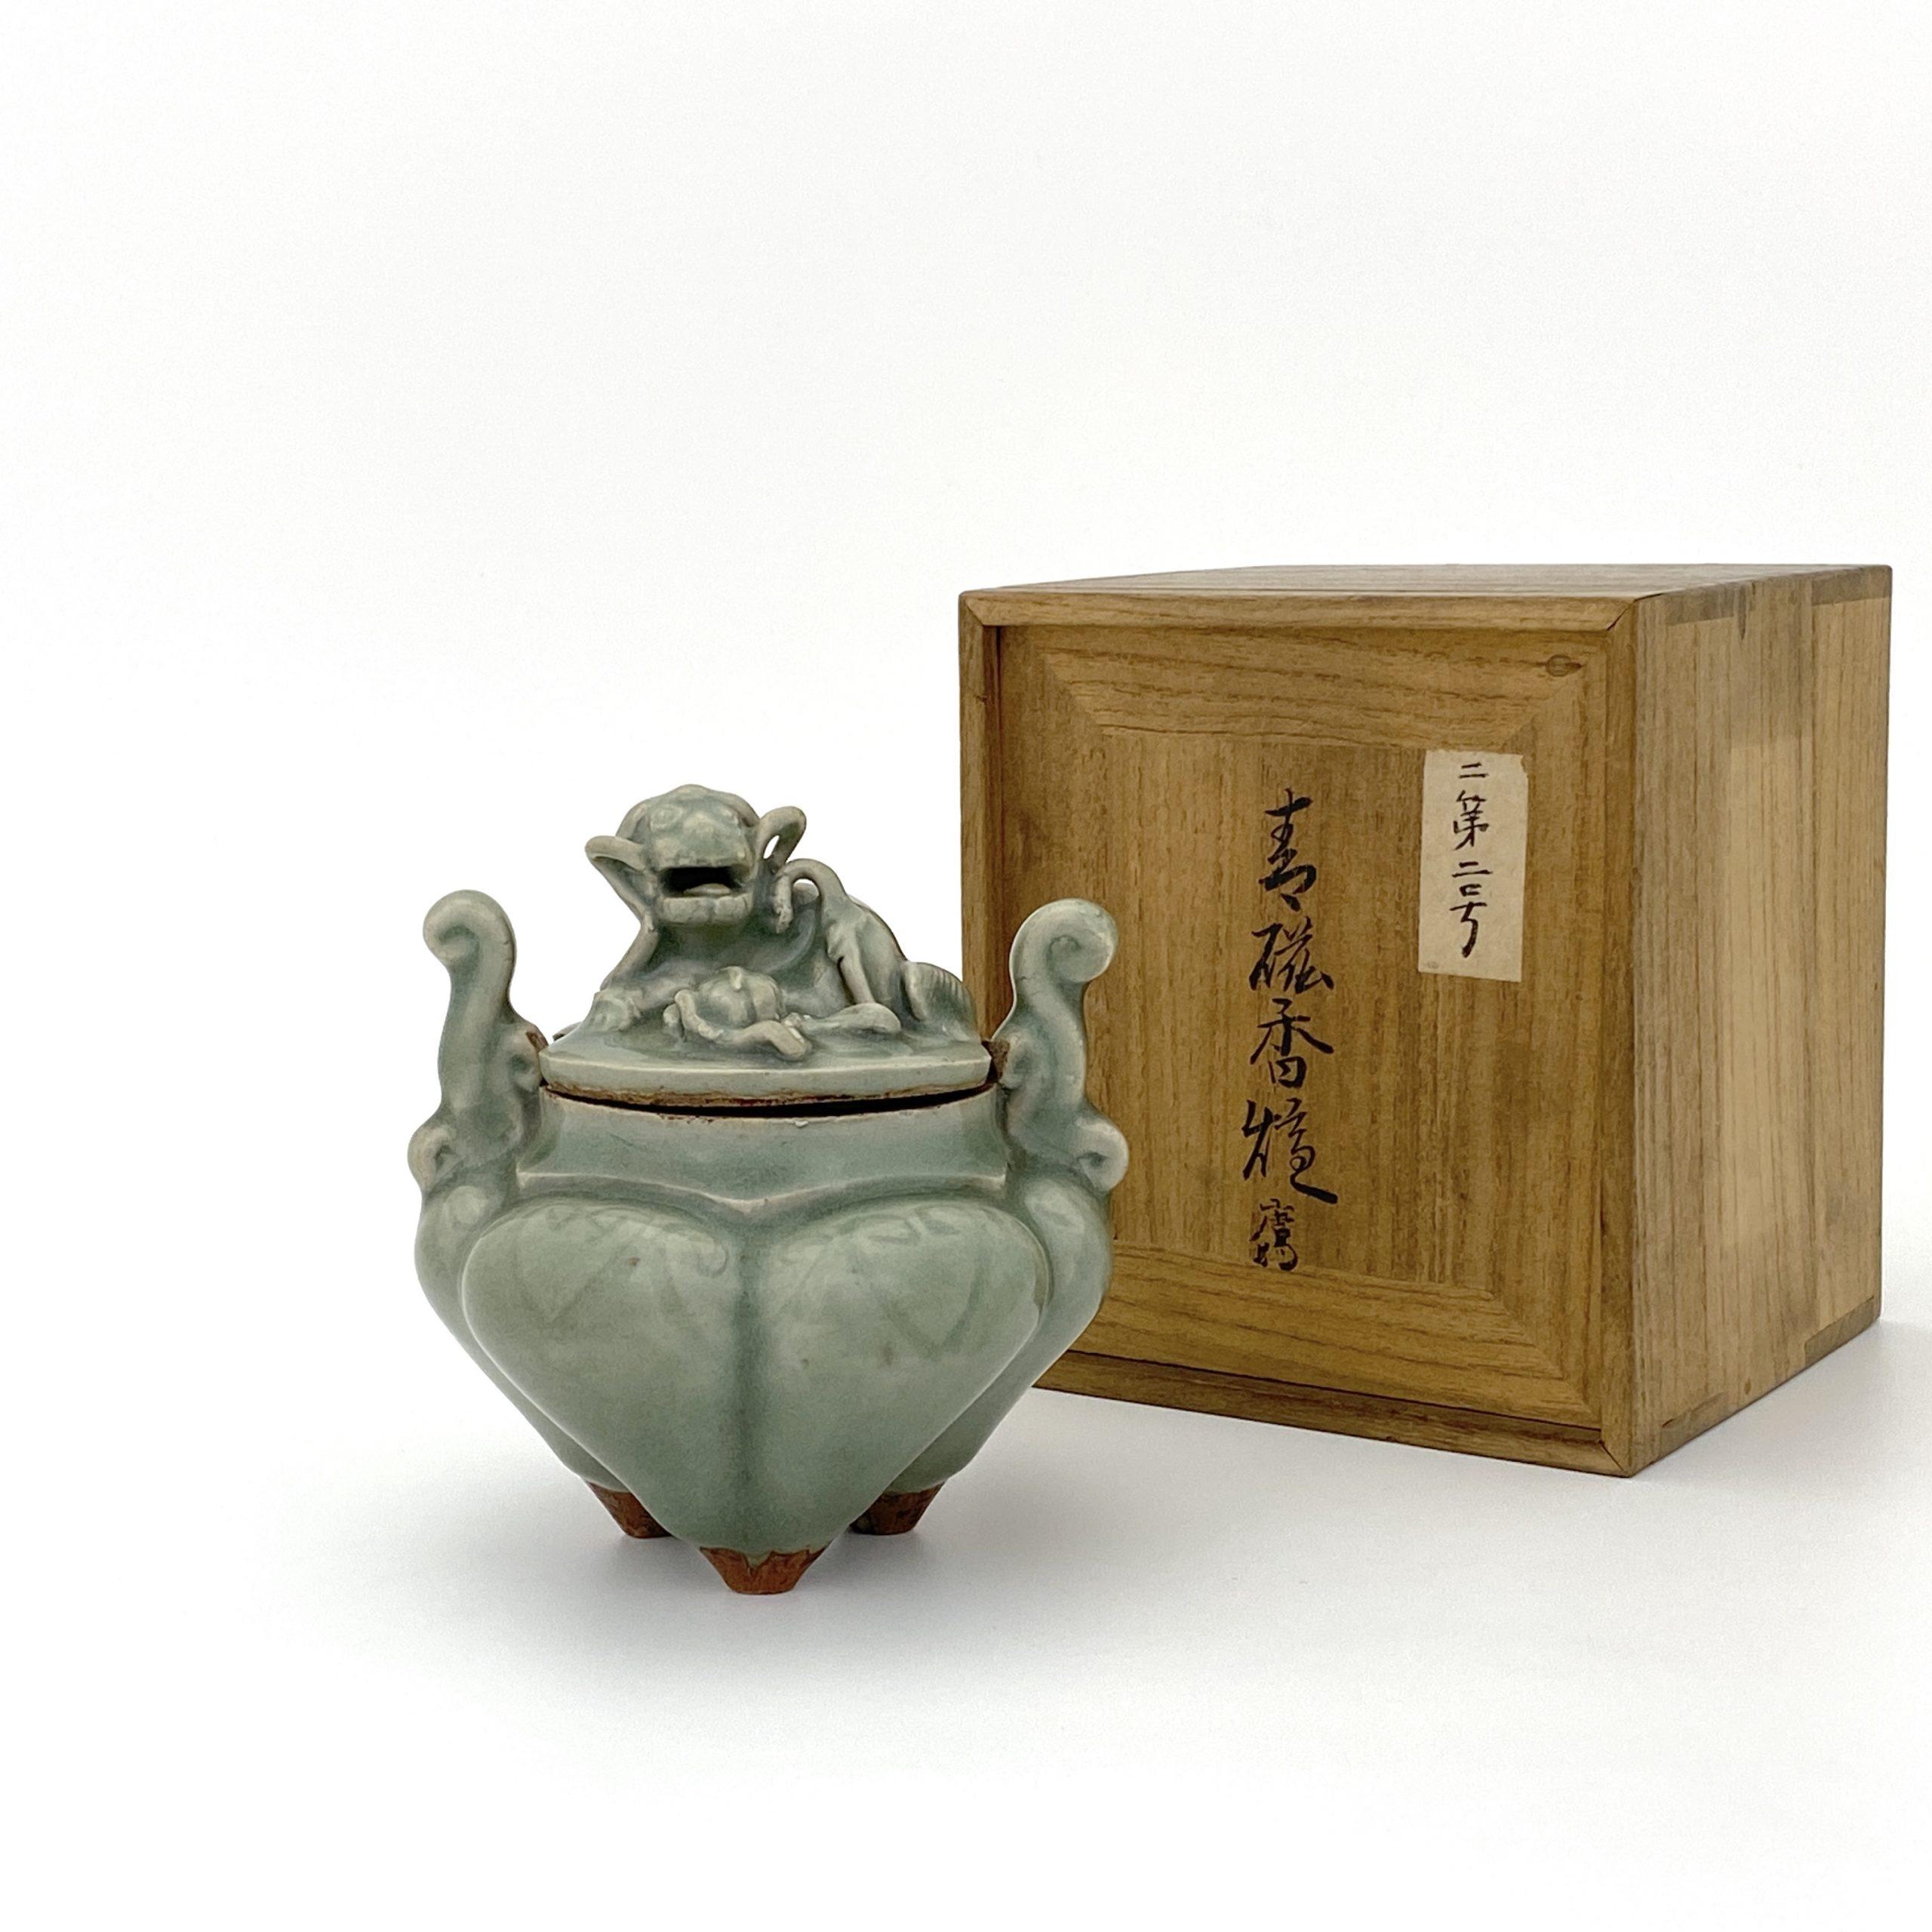 30101明 龍泉窯 獅子鈕 三足爐